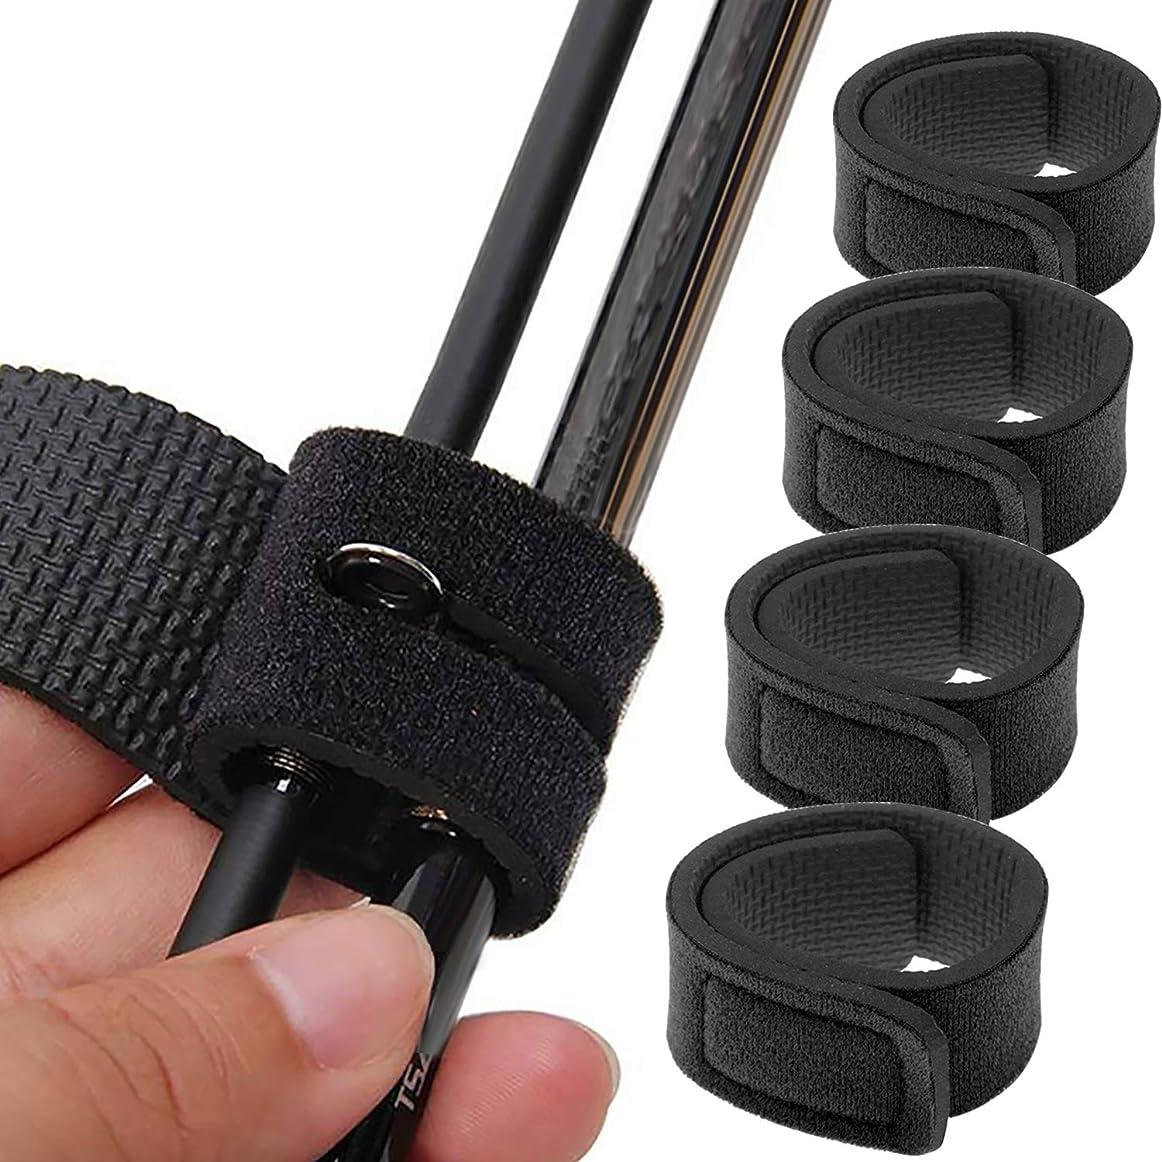 重要な続ける元のLix&Rix 釣りロッドベルト 釣り竿収納用品 固定用 マジックテープバンド 落下防止 黒 ブラック5/10本セット